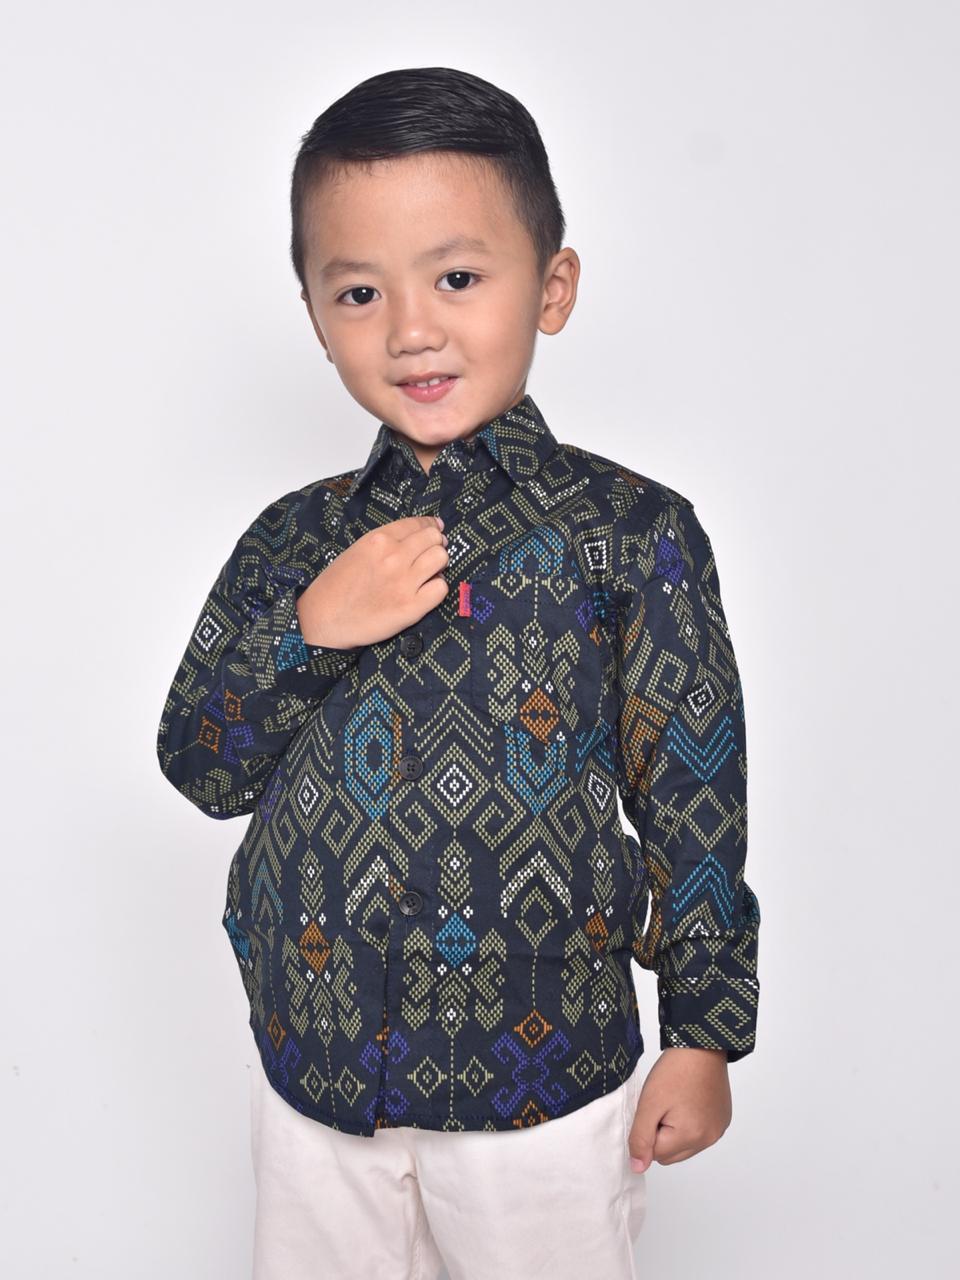 3lstore kemeja anak 1 – 12 tahun motif sekar jagad atasan batik bayi balita kid fashion anak cowok laki kemeja batik pria lengan panjang exclusive kemeja batik cowok kantoran kemeja batik formal kemeja import kemeja priting kemeja batik1206